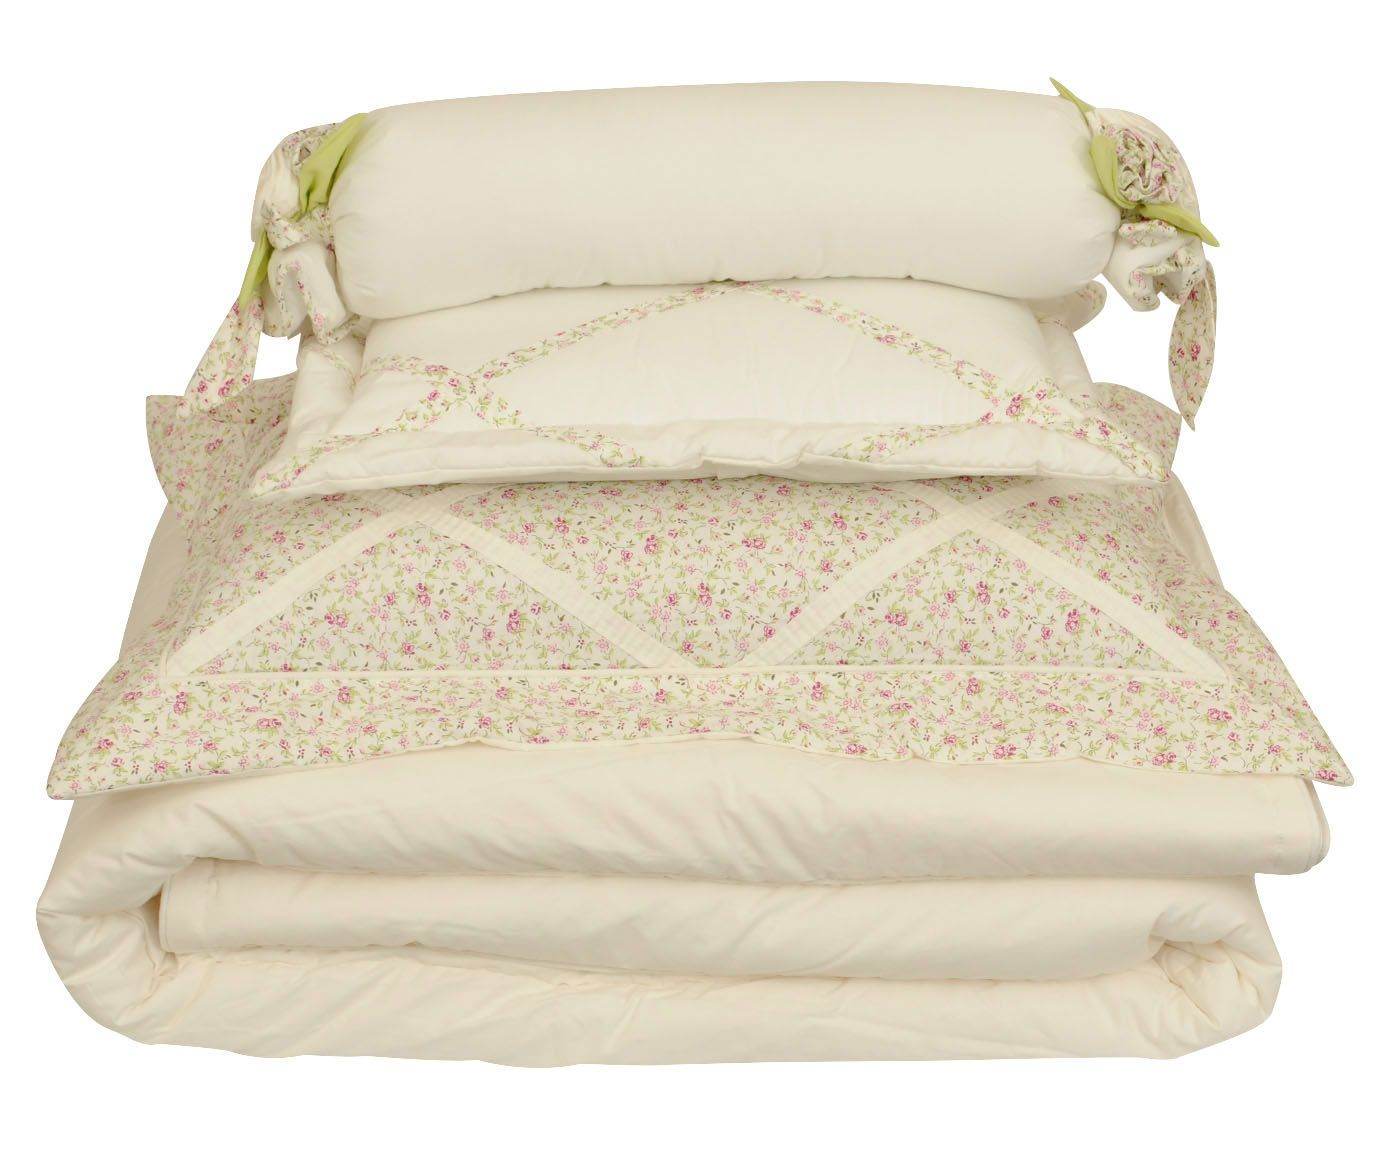 Jogo lastis para cama super king size 200 fios   Westwing.com.br